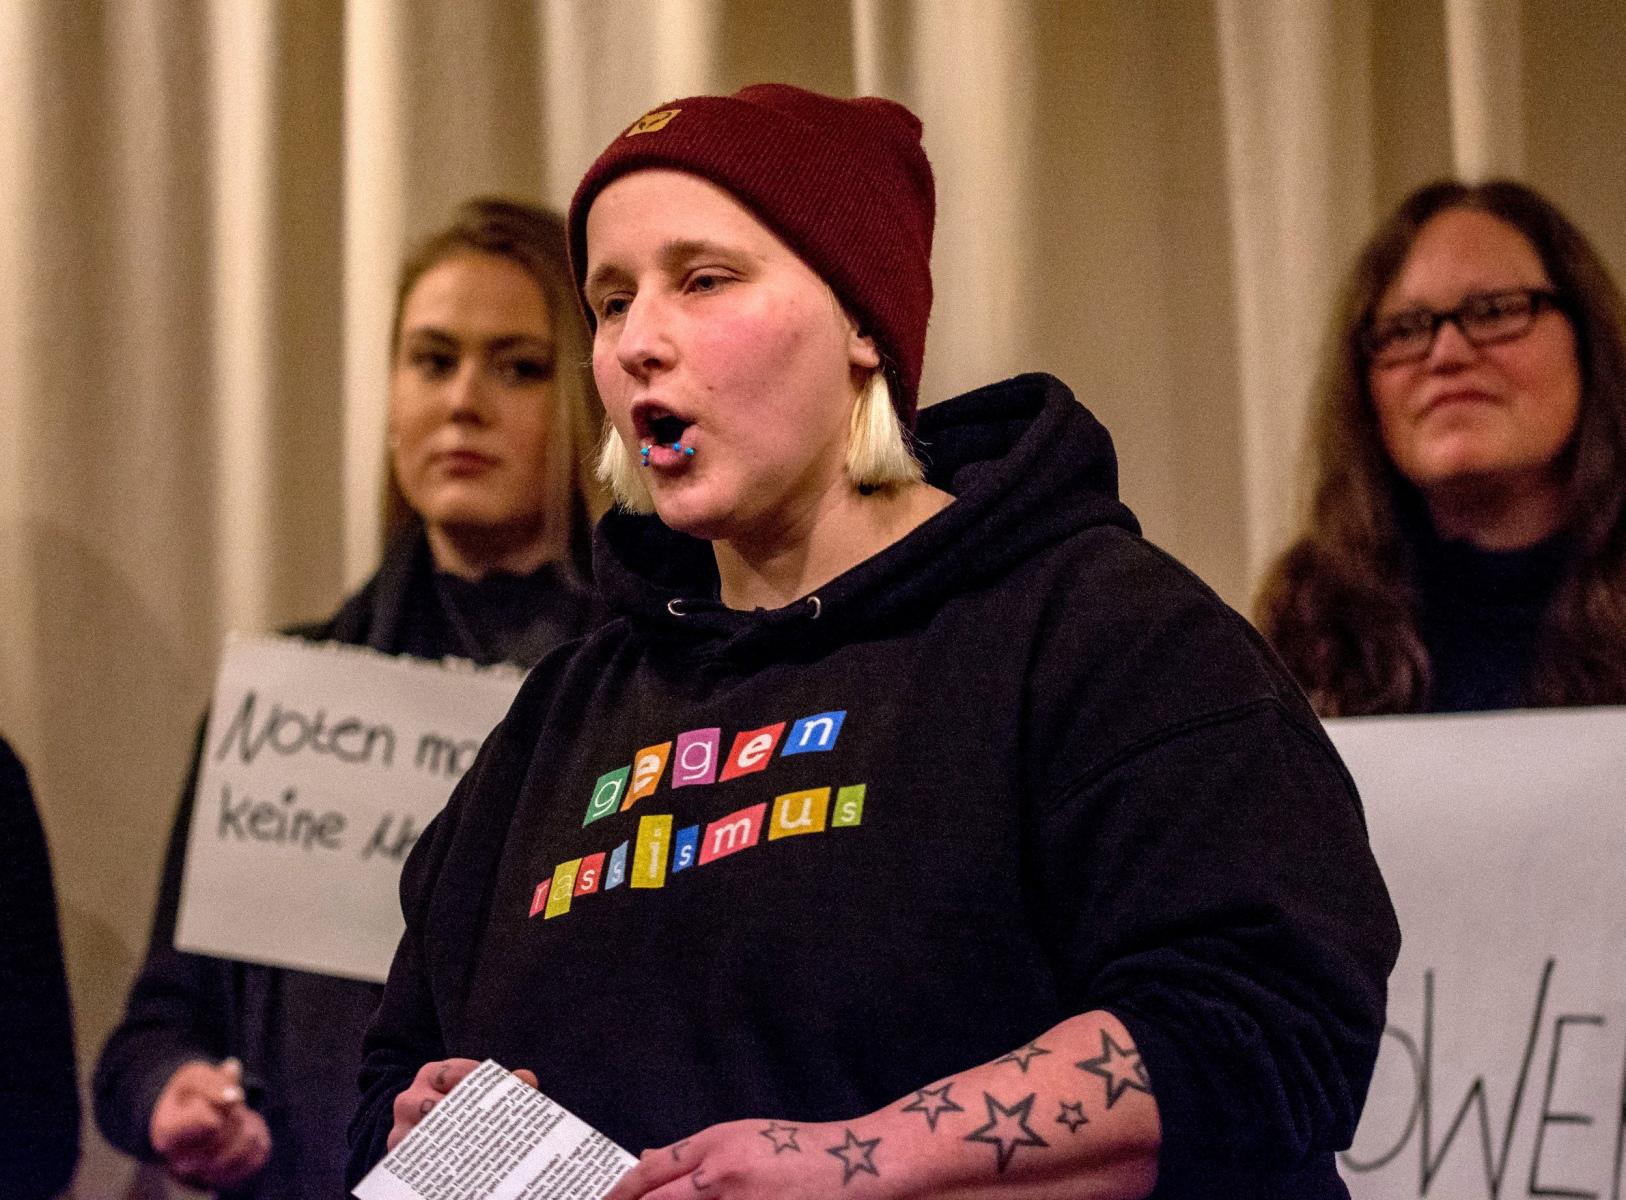 Bianca mit ihren Mitstreiterinnen voll im Einsatz beim Demokratie-Rap